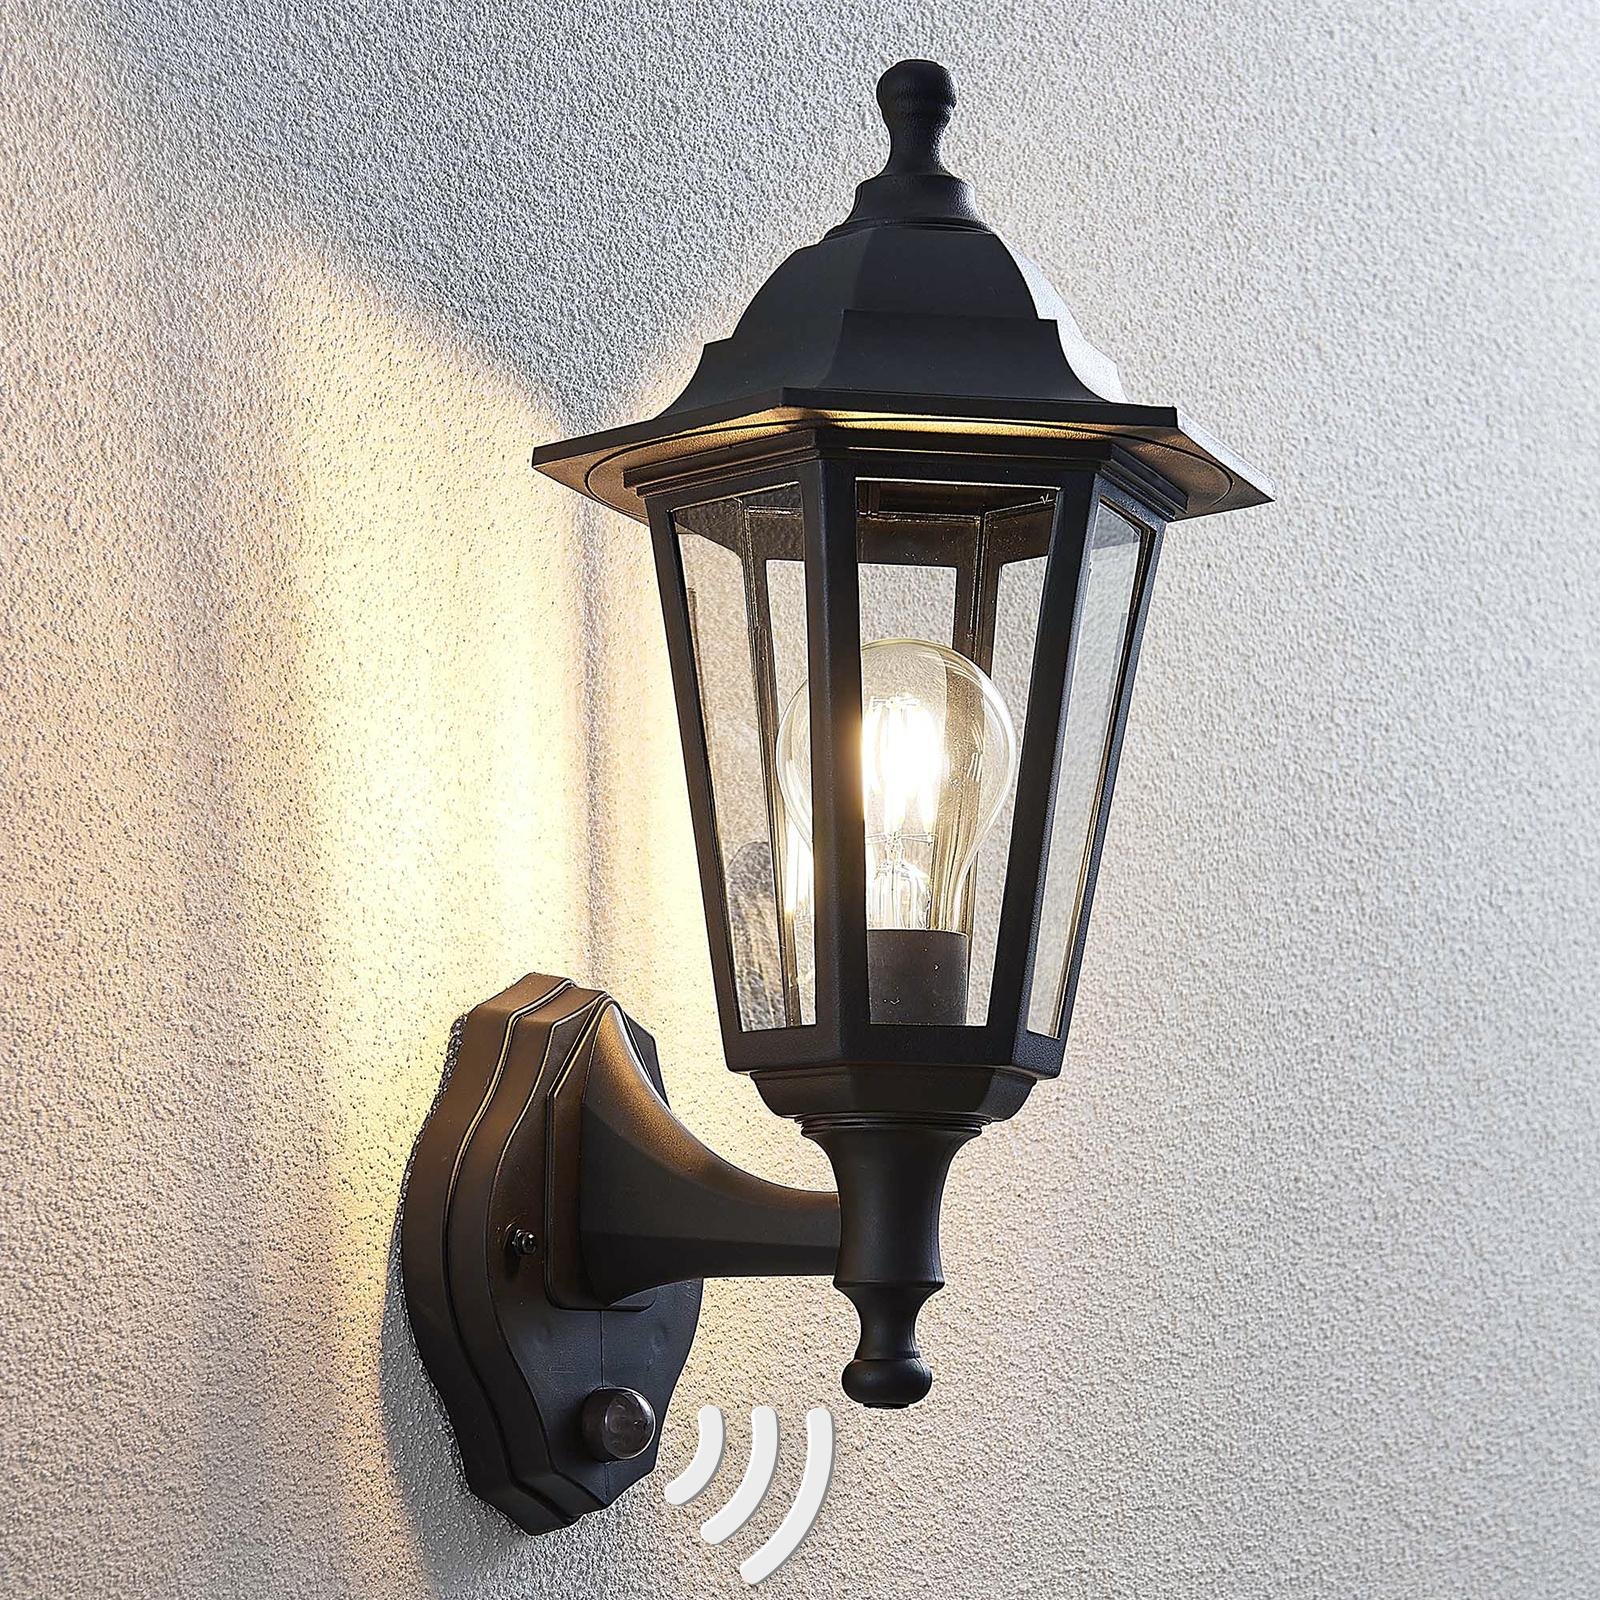 Kinkiet zewnętrzny Nane, latarnia z czujnikiem